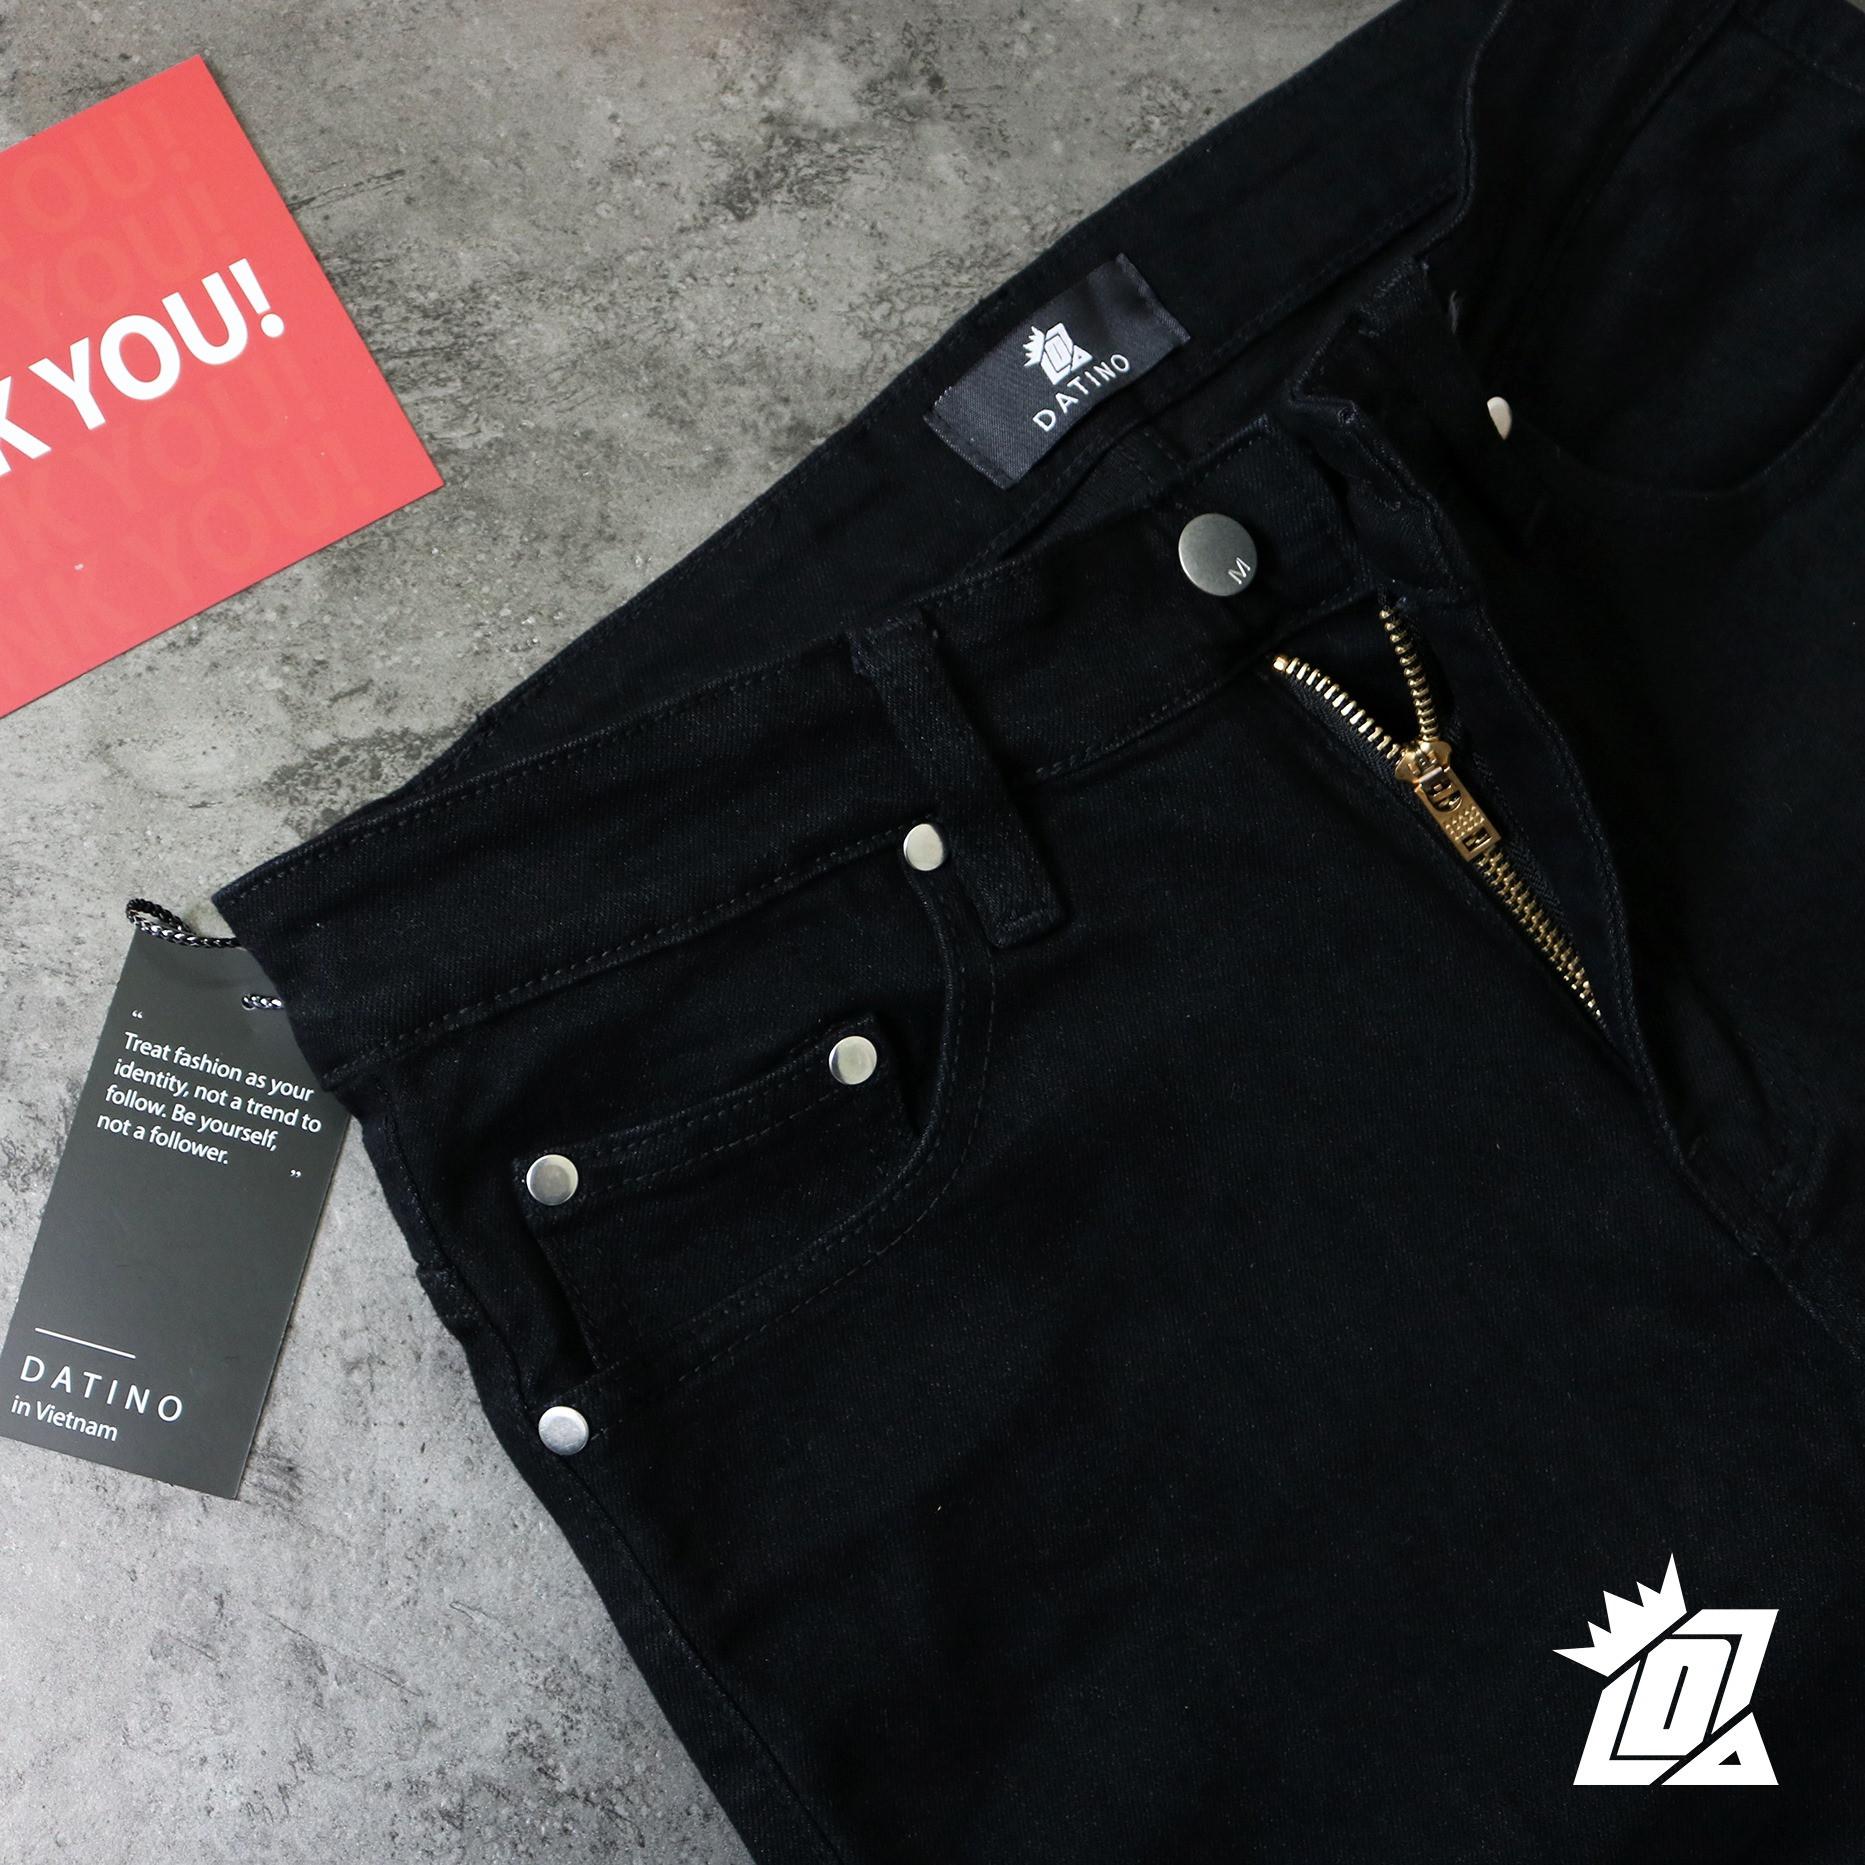 Quần jean nam Skinny khóa Zipper Datino chất Denim dày dặn co giãn